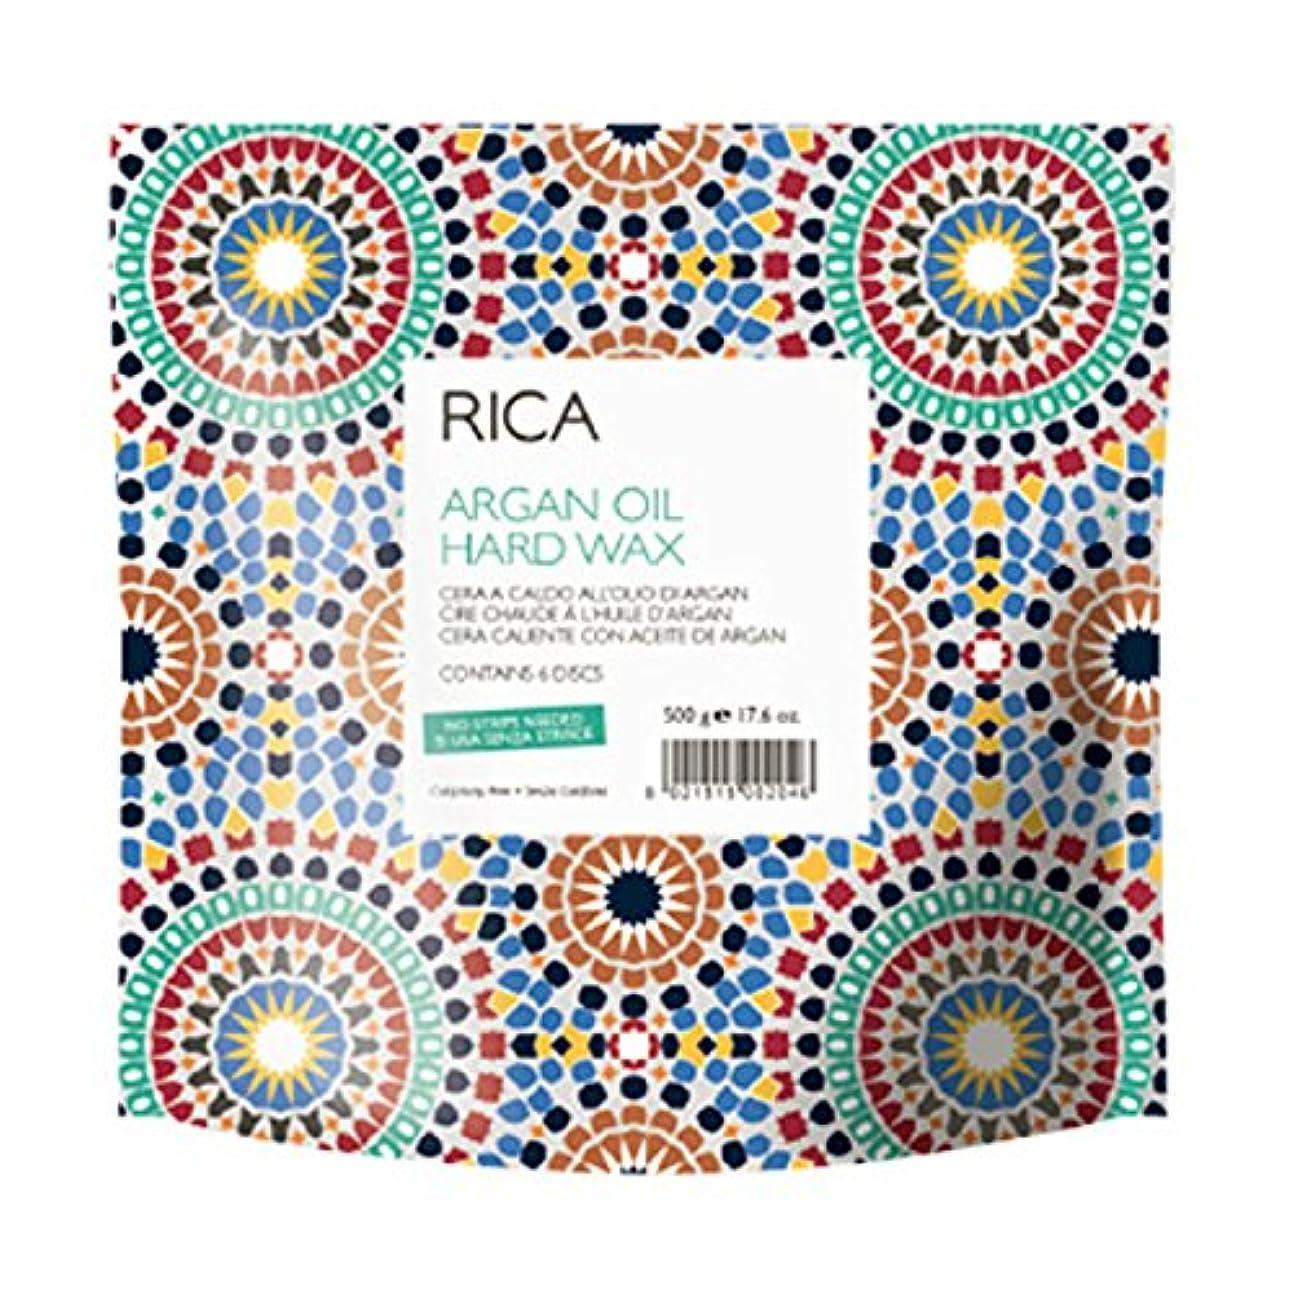 環境保護主義者商標なすRICA ハードワックス(アルガンオイル)500g